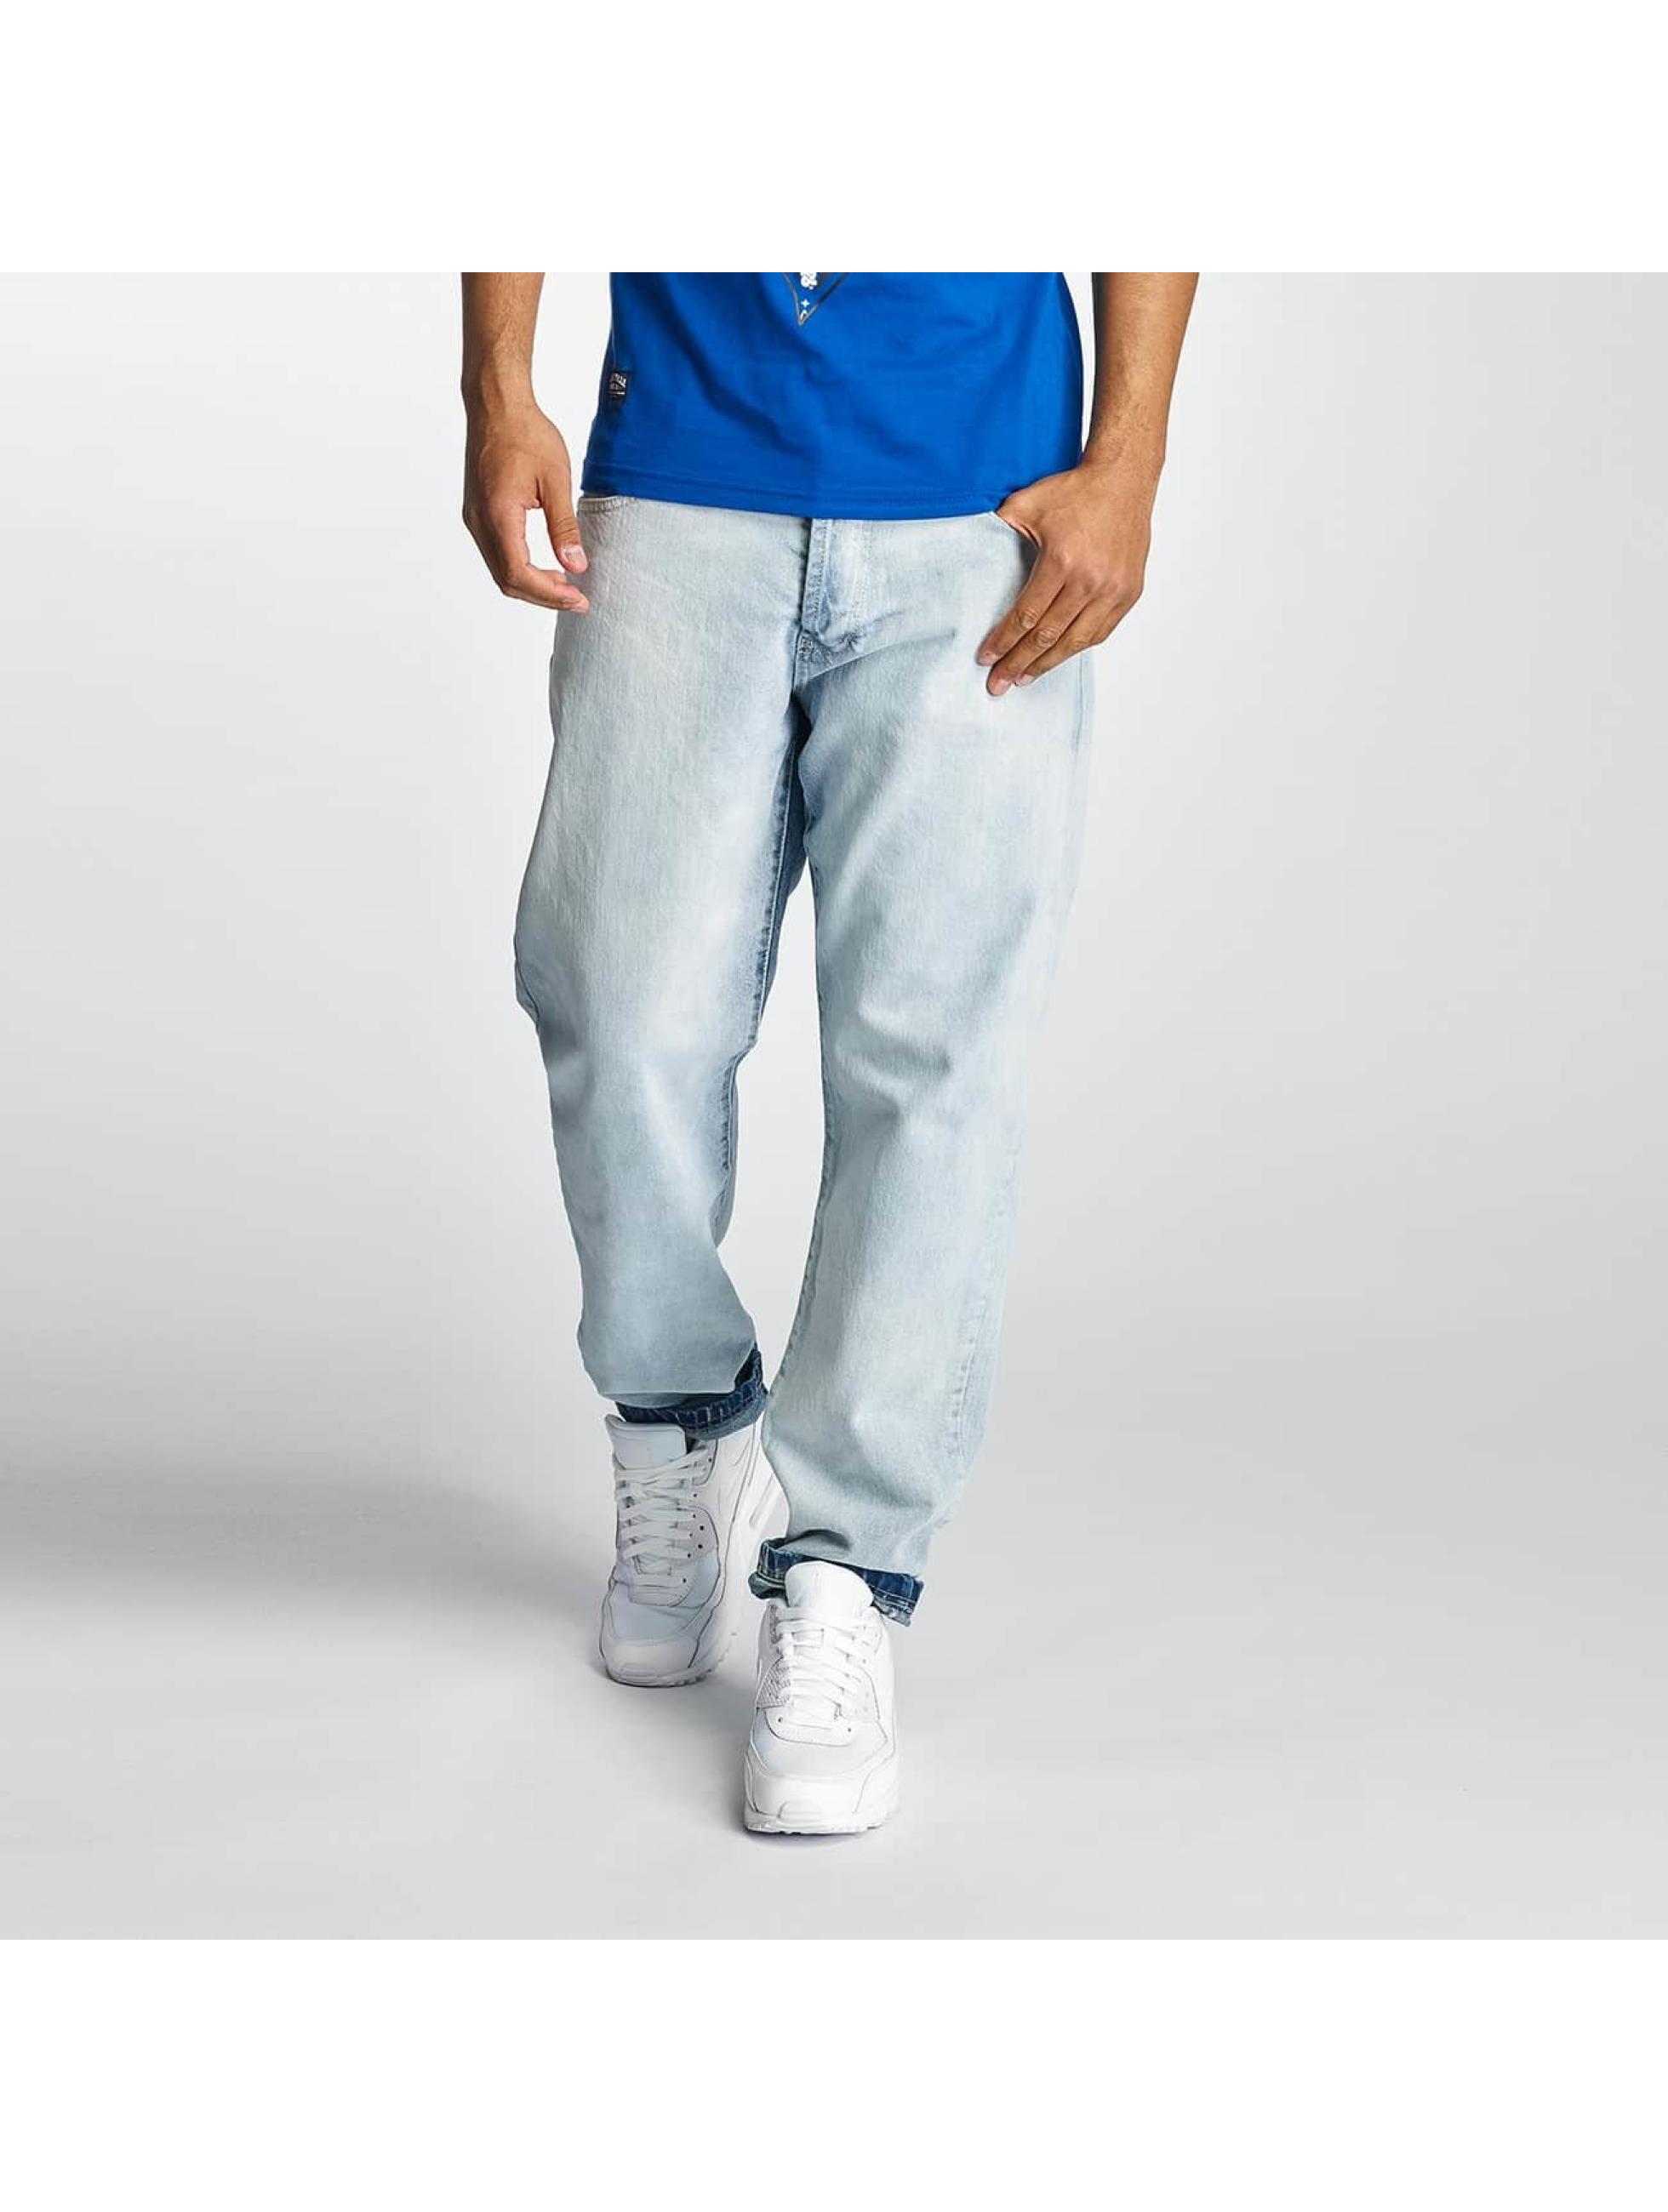 Thug Life Männer Karottenjeans Washed in blau